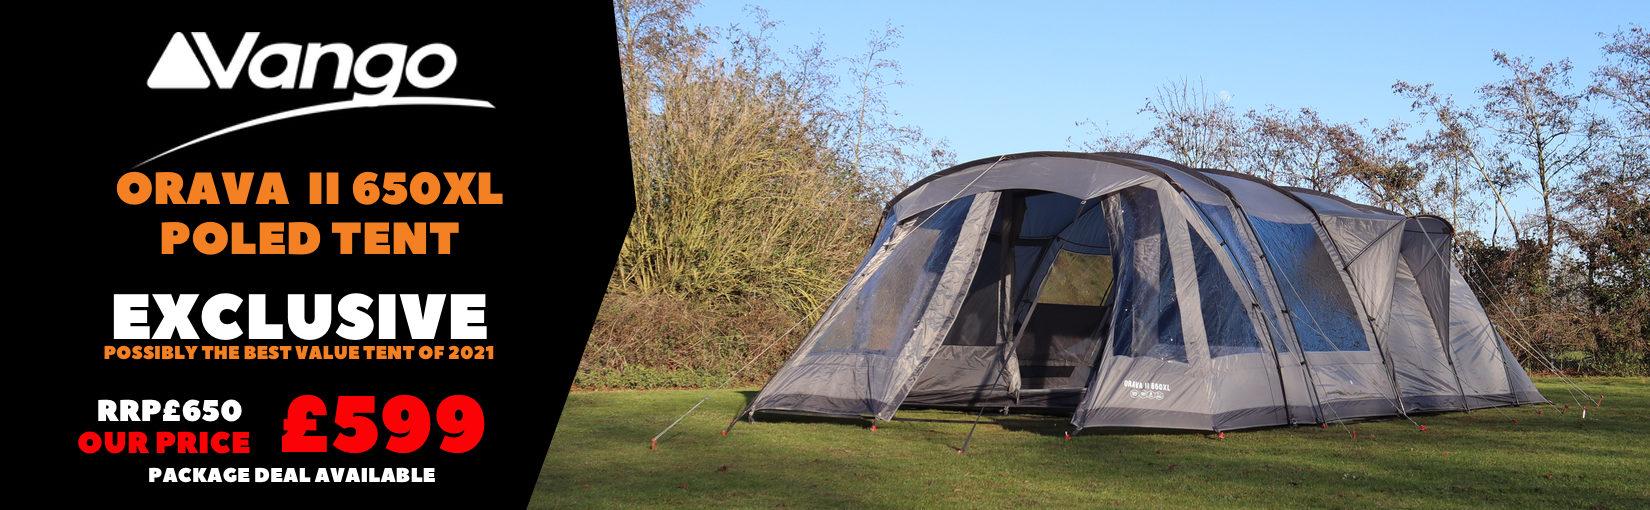 Vango Orava ll 650XL Poled Tent